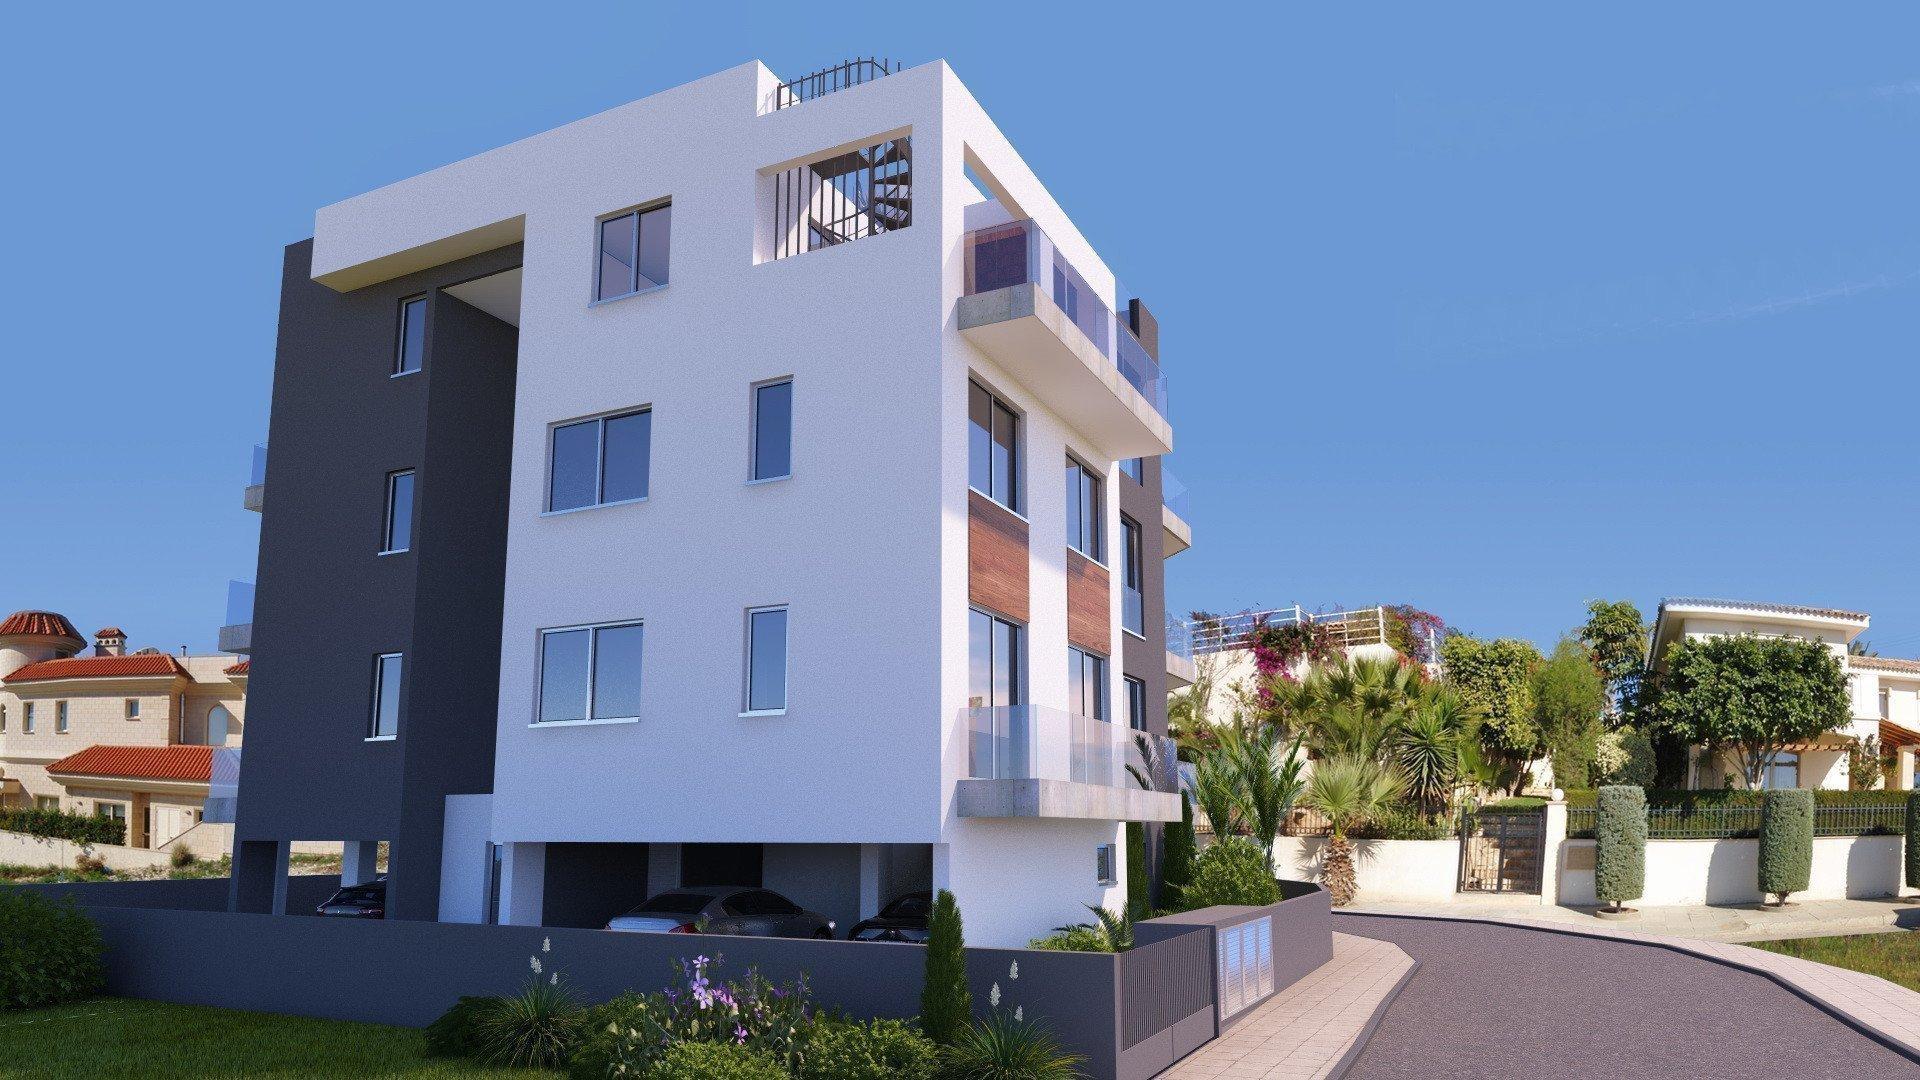 Купилю нерухомість за кордоном Продаю нову квартиру на Кіпрі